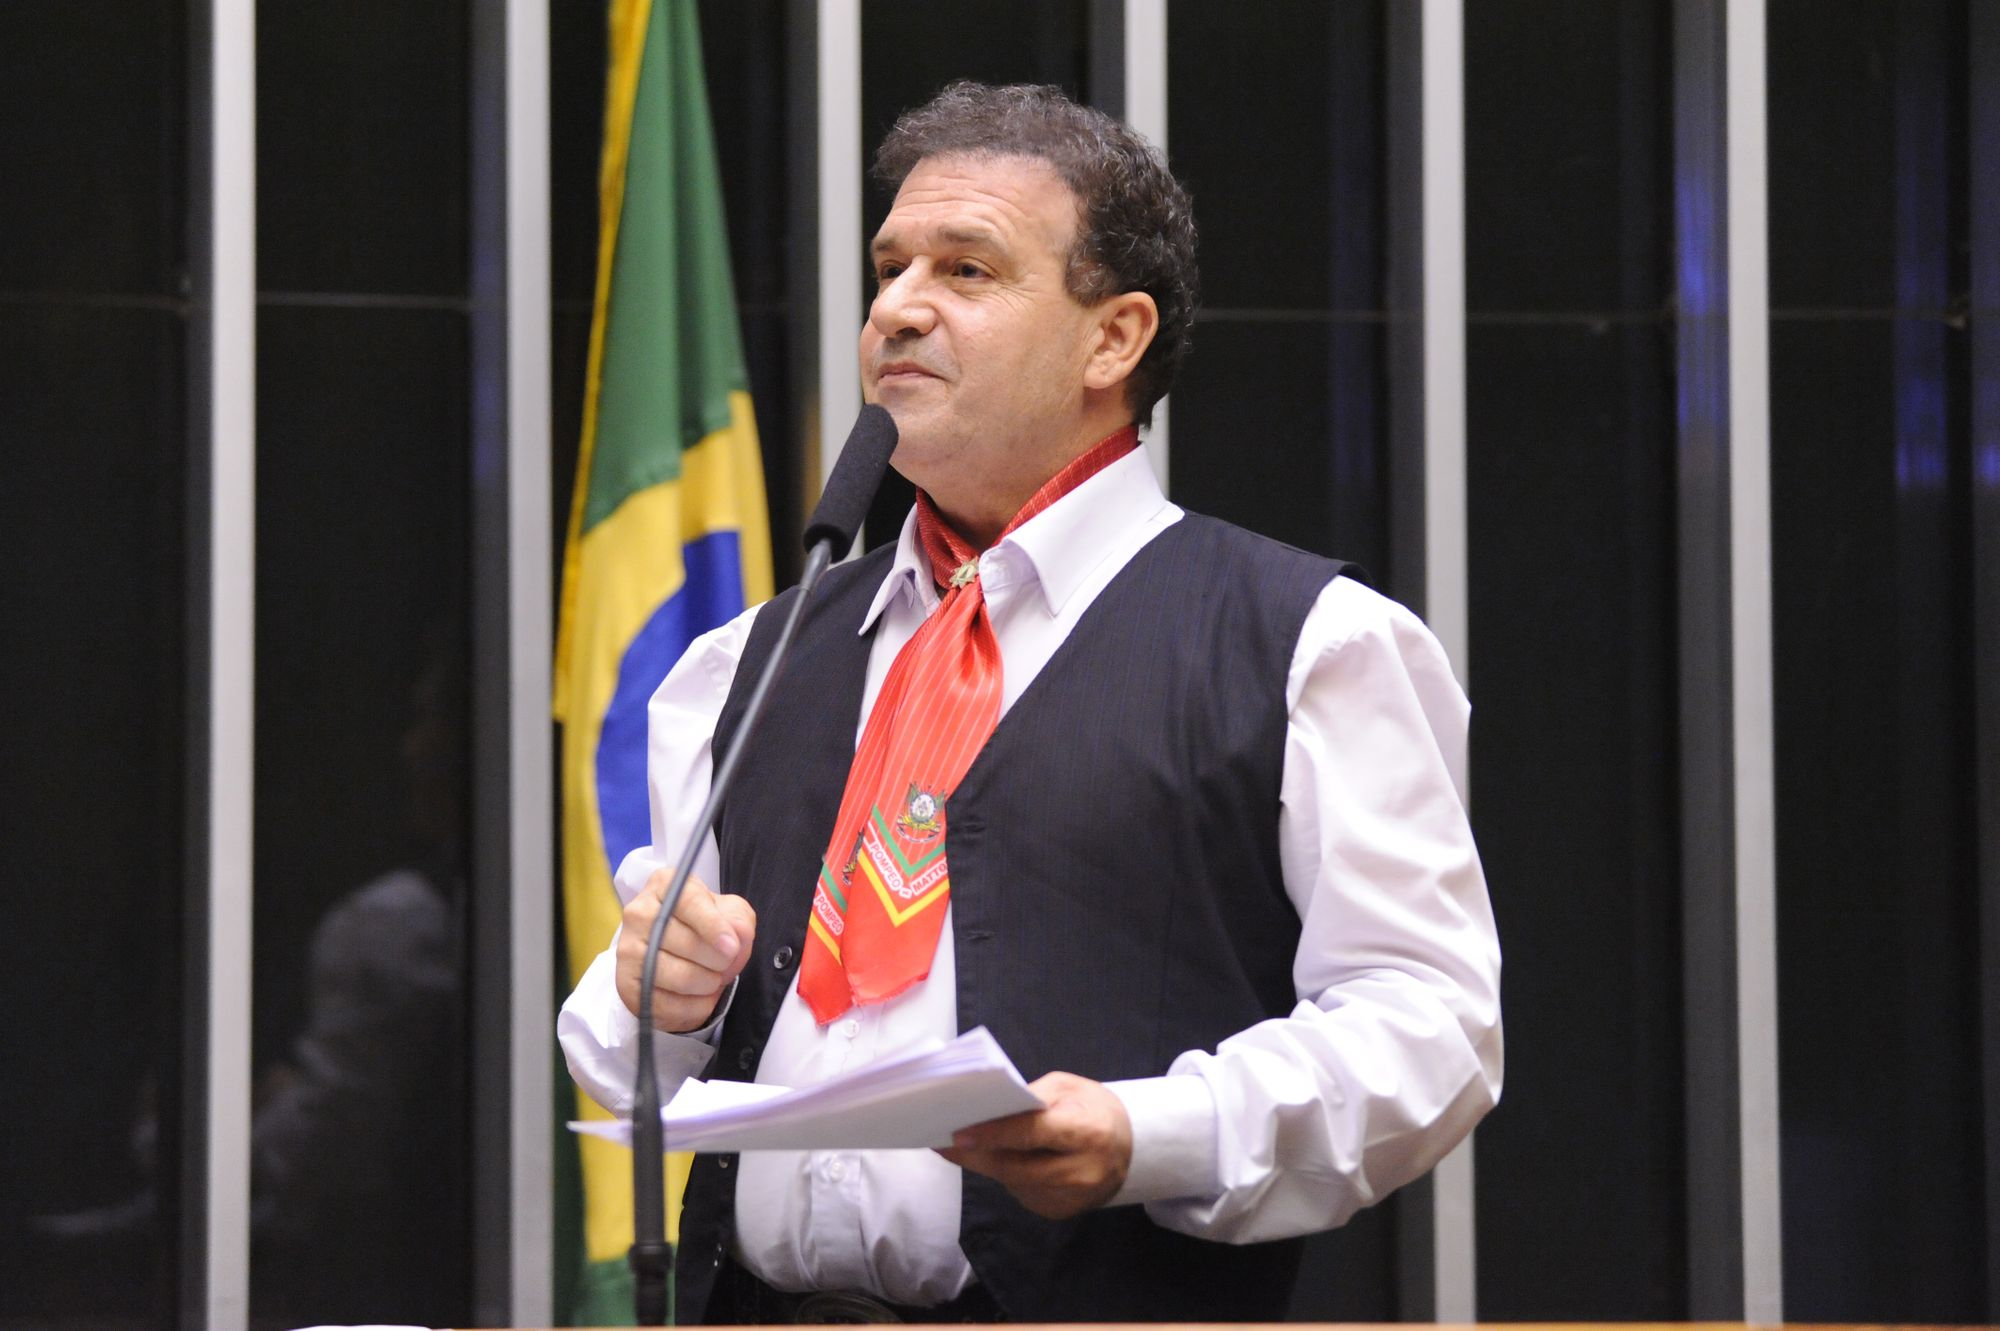 Projeto autoriza bancos públicos a conceder linha especial de crédito consignado de até R$ 20 mil